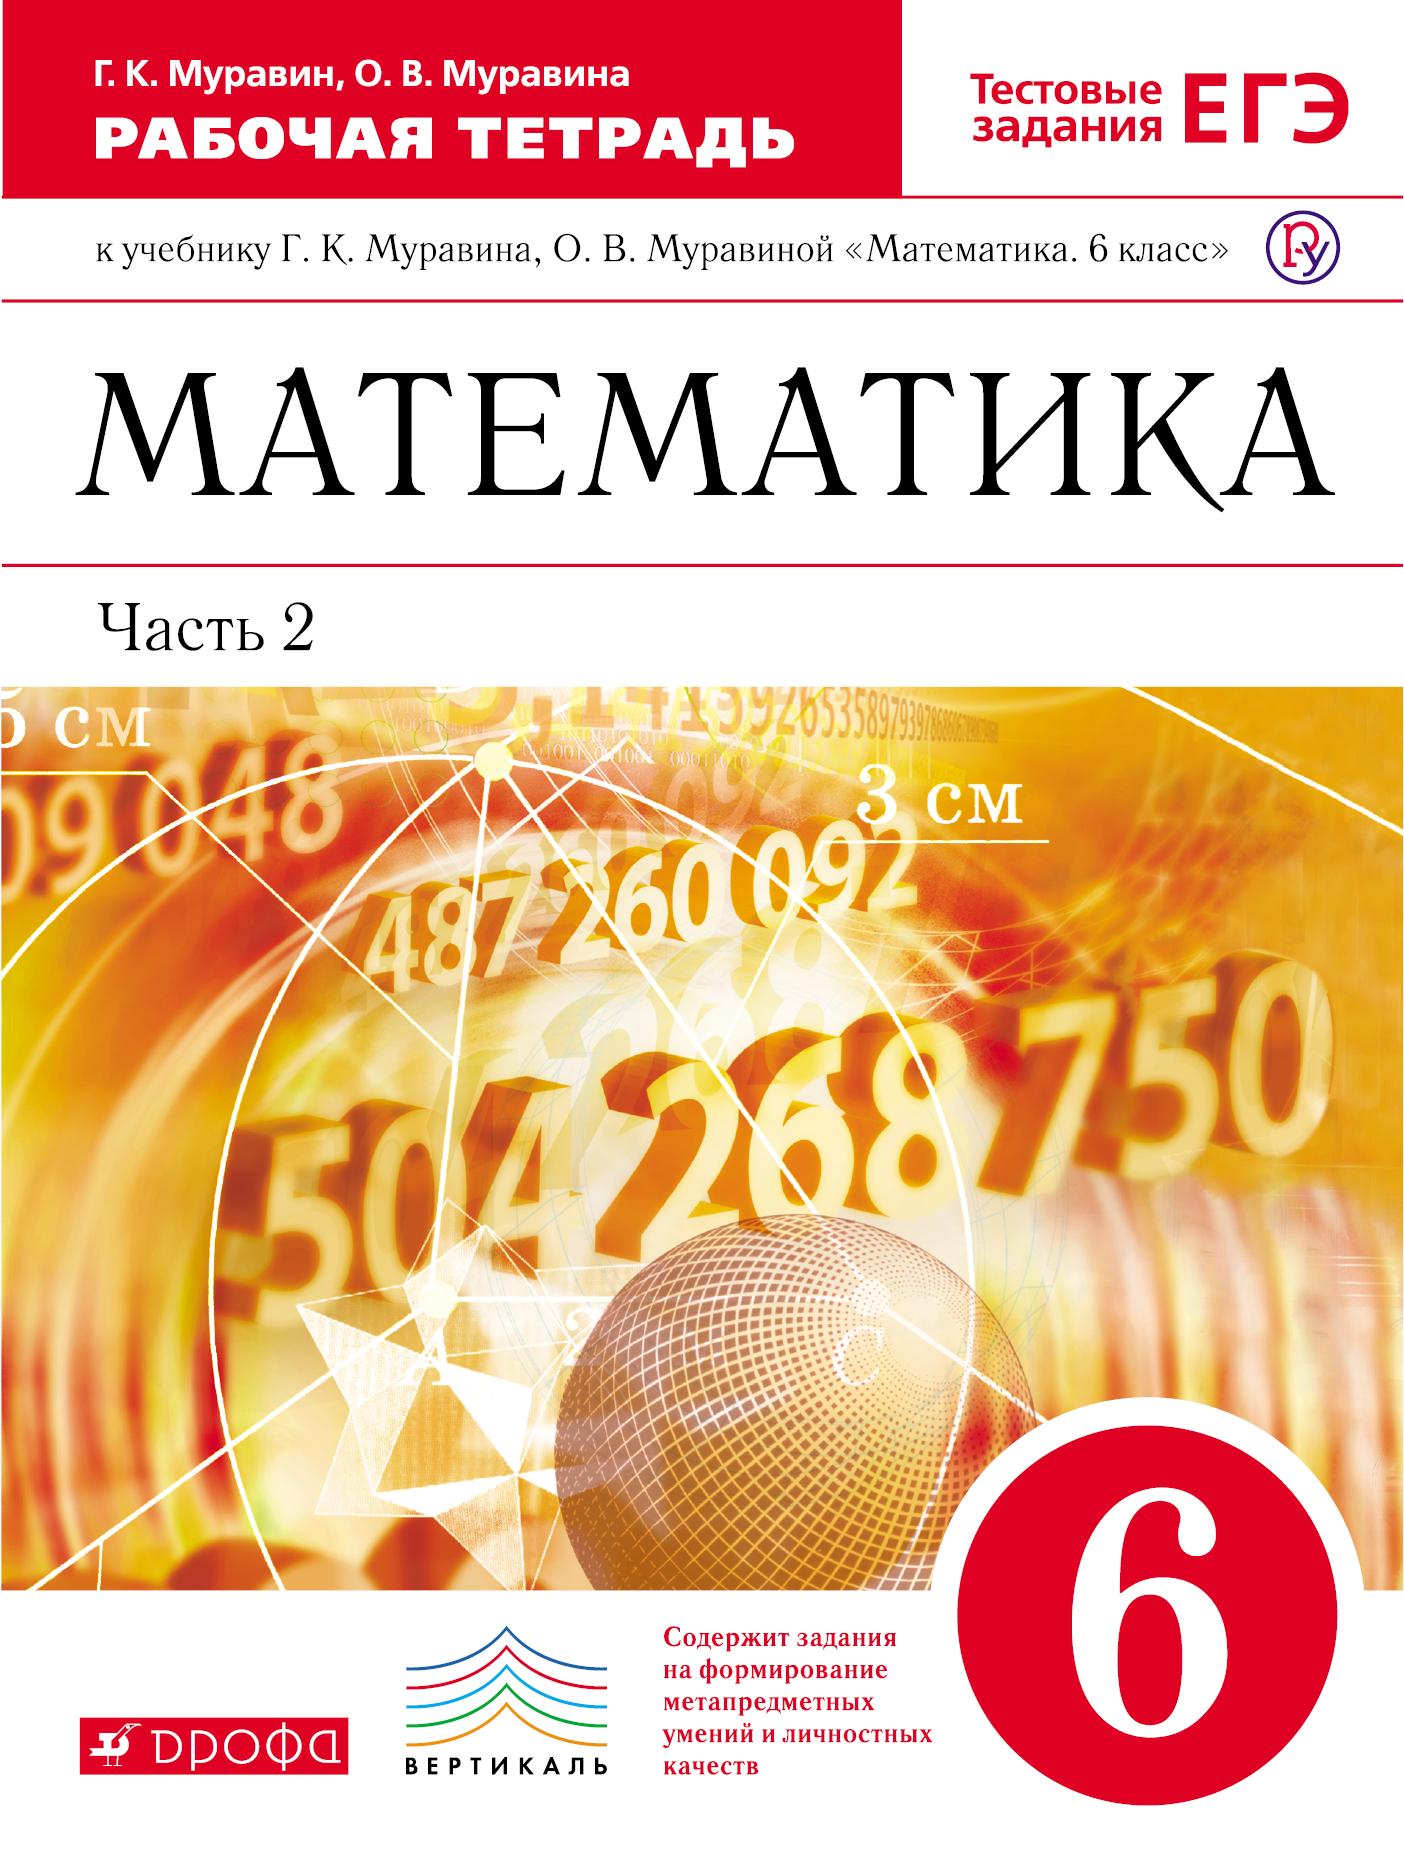 Муравин Г.К., Муравина О.В. Математика. 6 класс. Рабочая тетрадь (с тестовыми заданиями ЕГЭ). Часть 2 математика 6 класс рабочая тетрадь